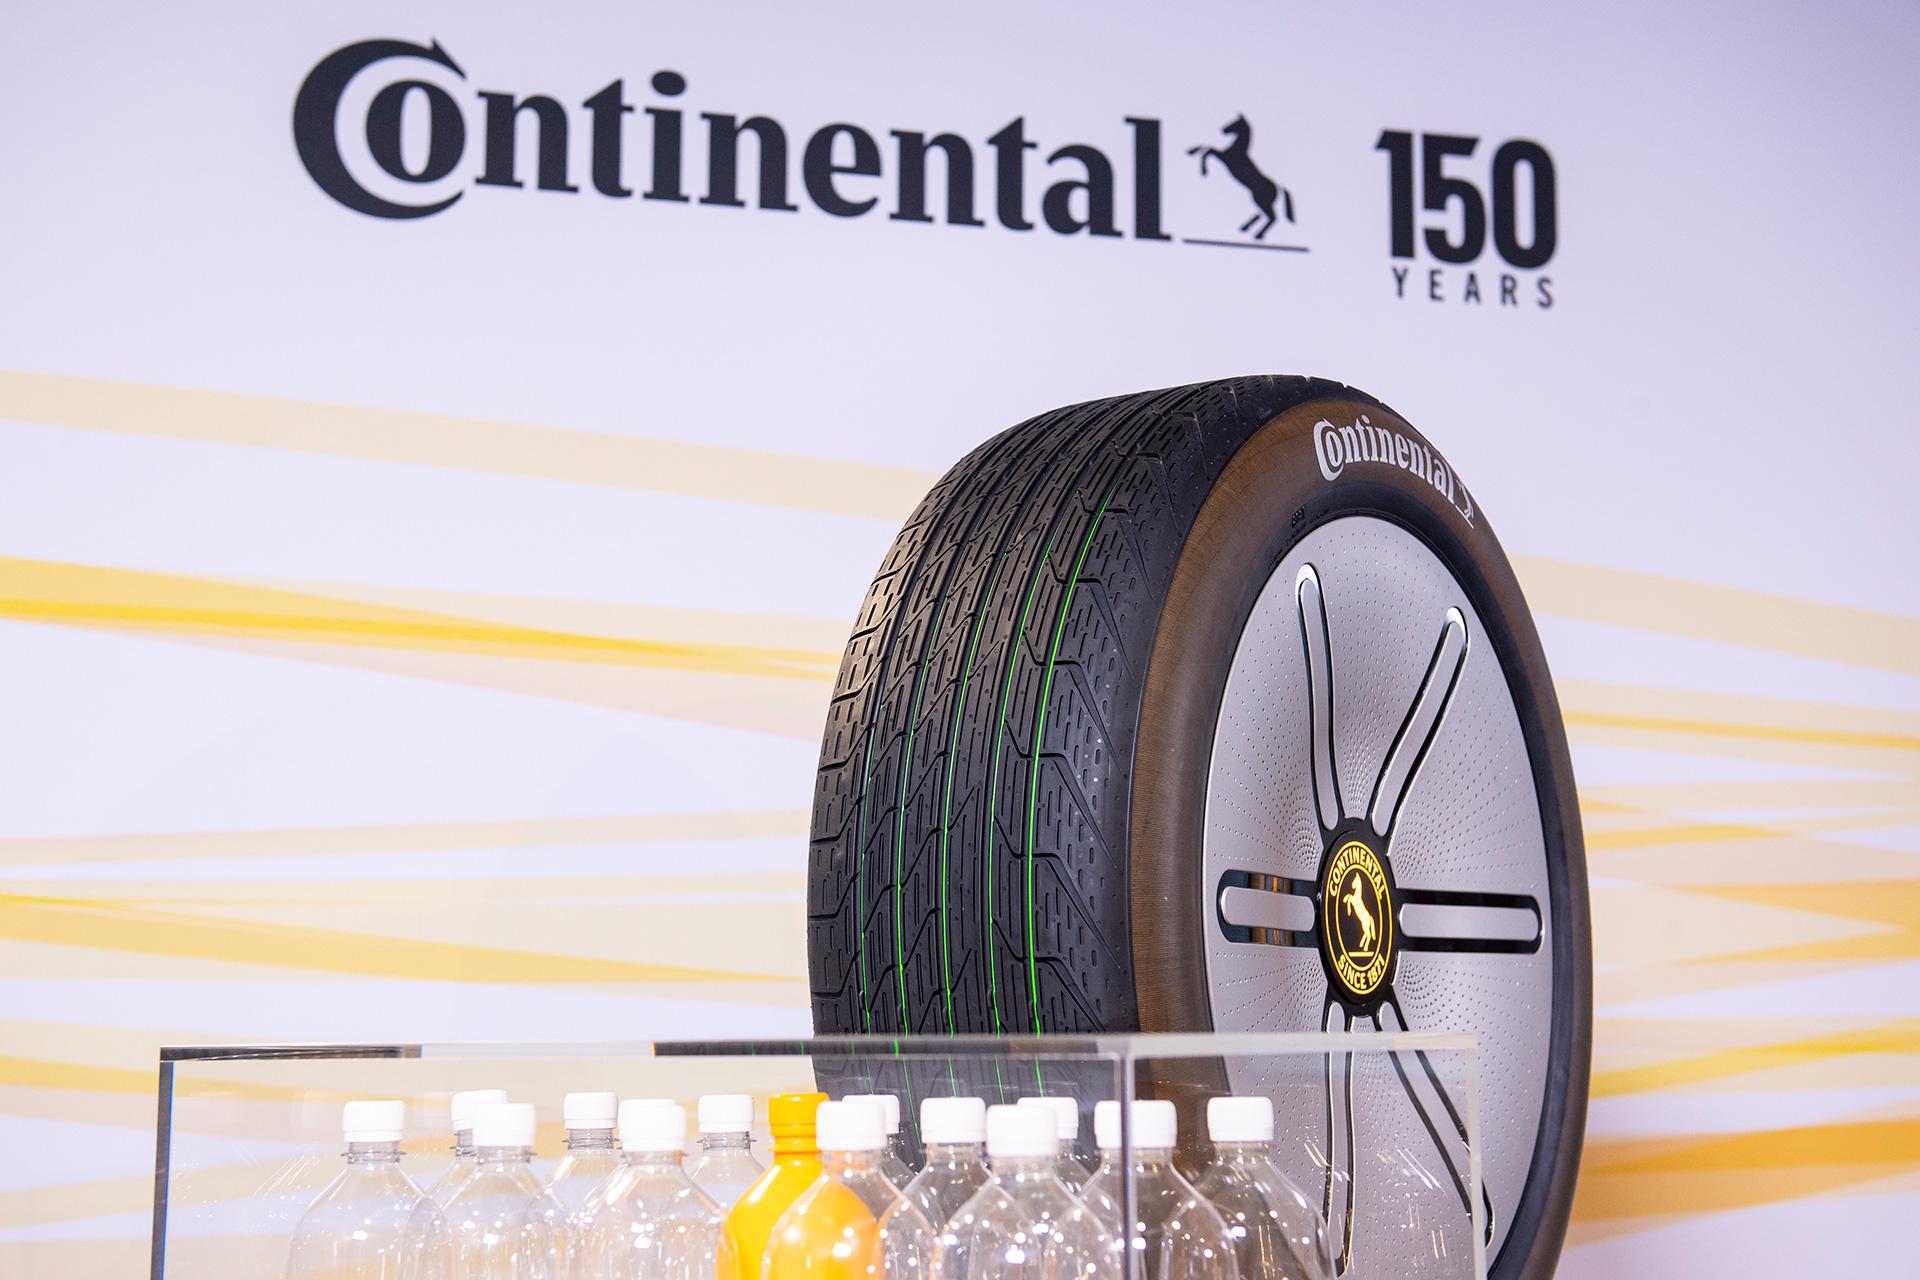 Continental'in çevre dostu konsept lastiği yenilenebilir bir sırt içerir | Engadget